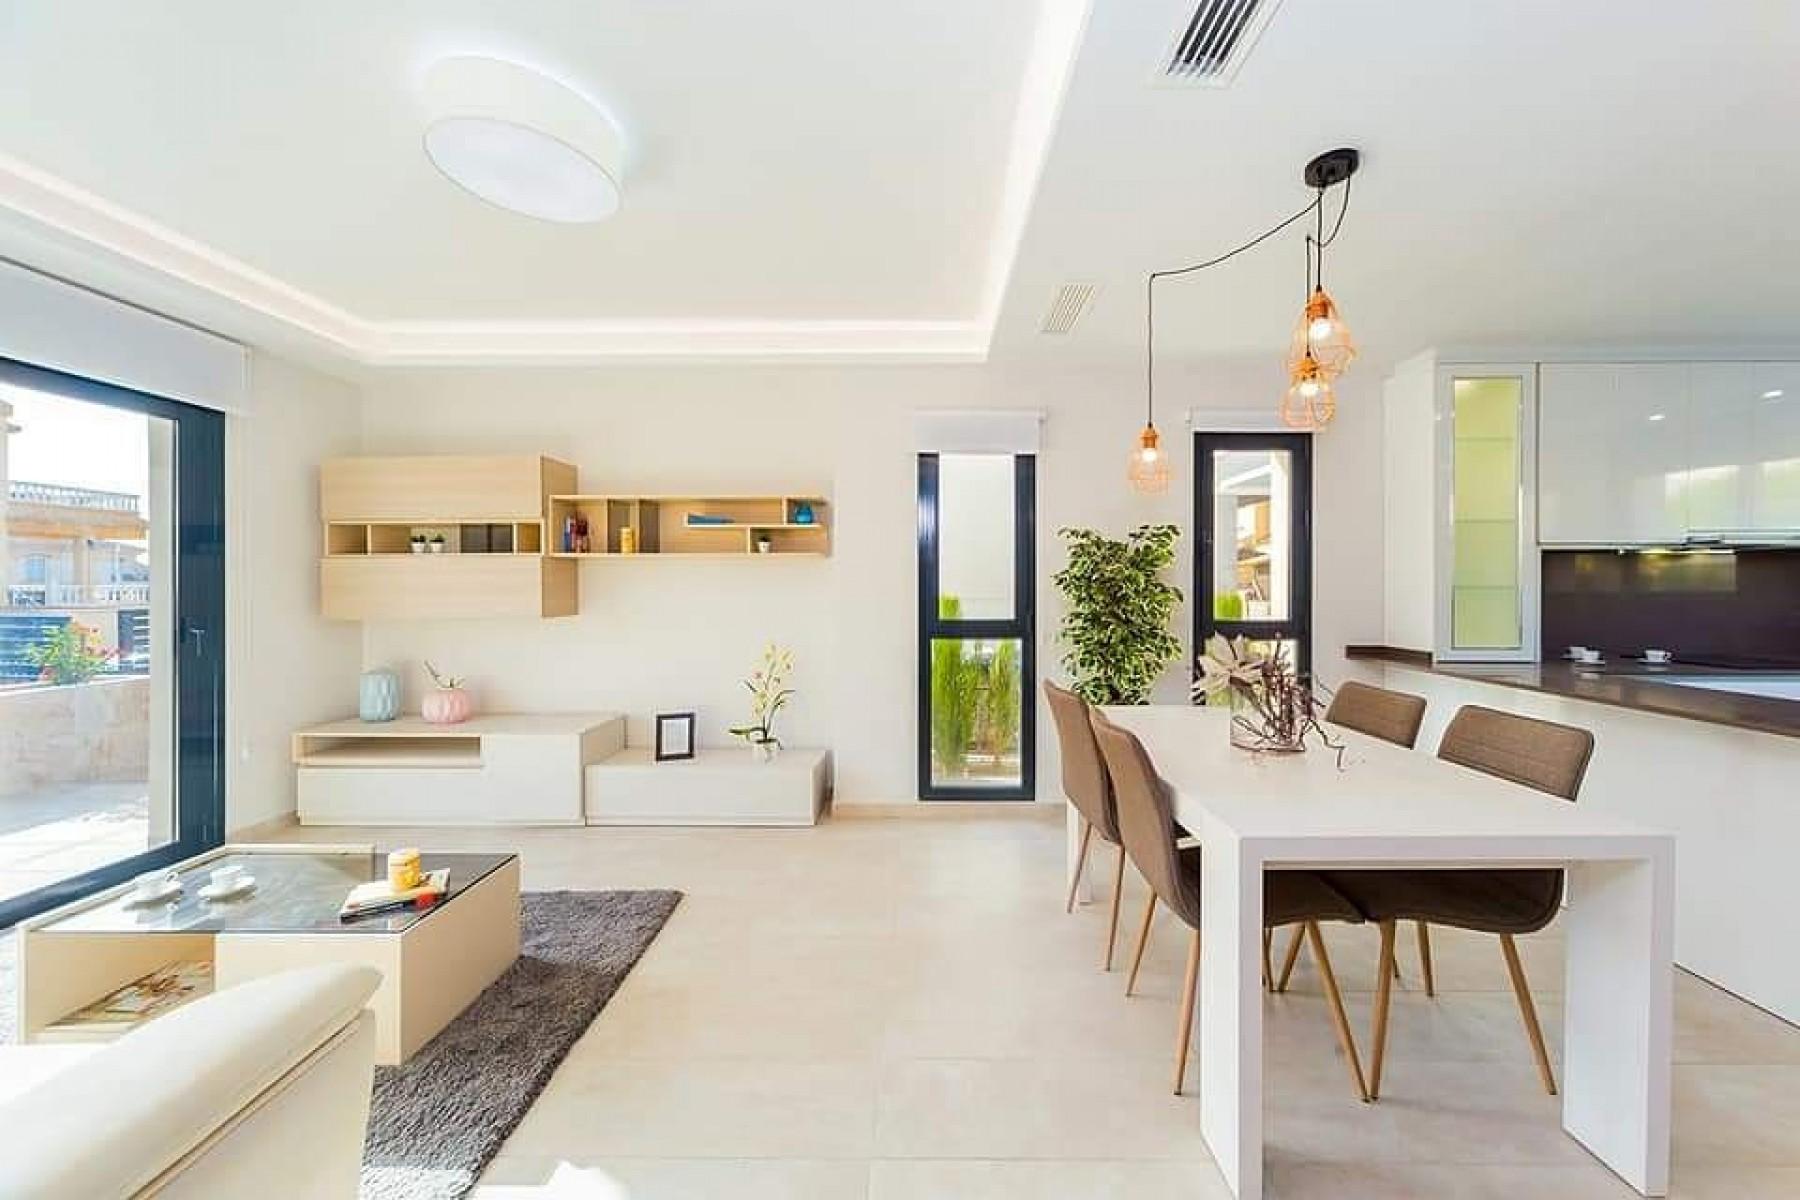 3-bedroom new-build detached villa